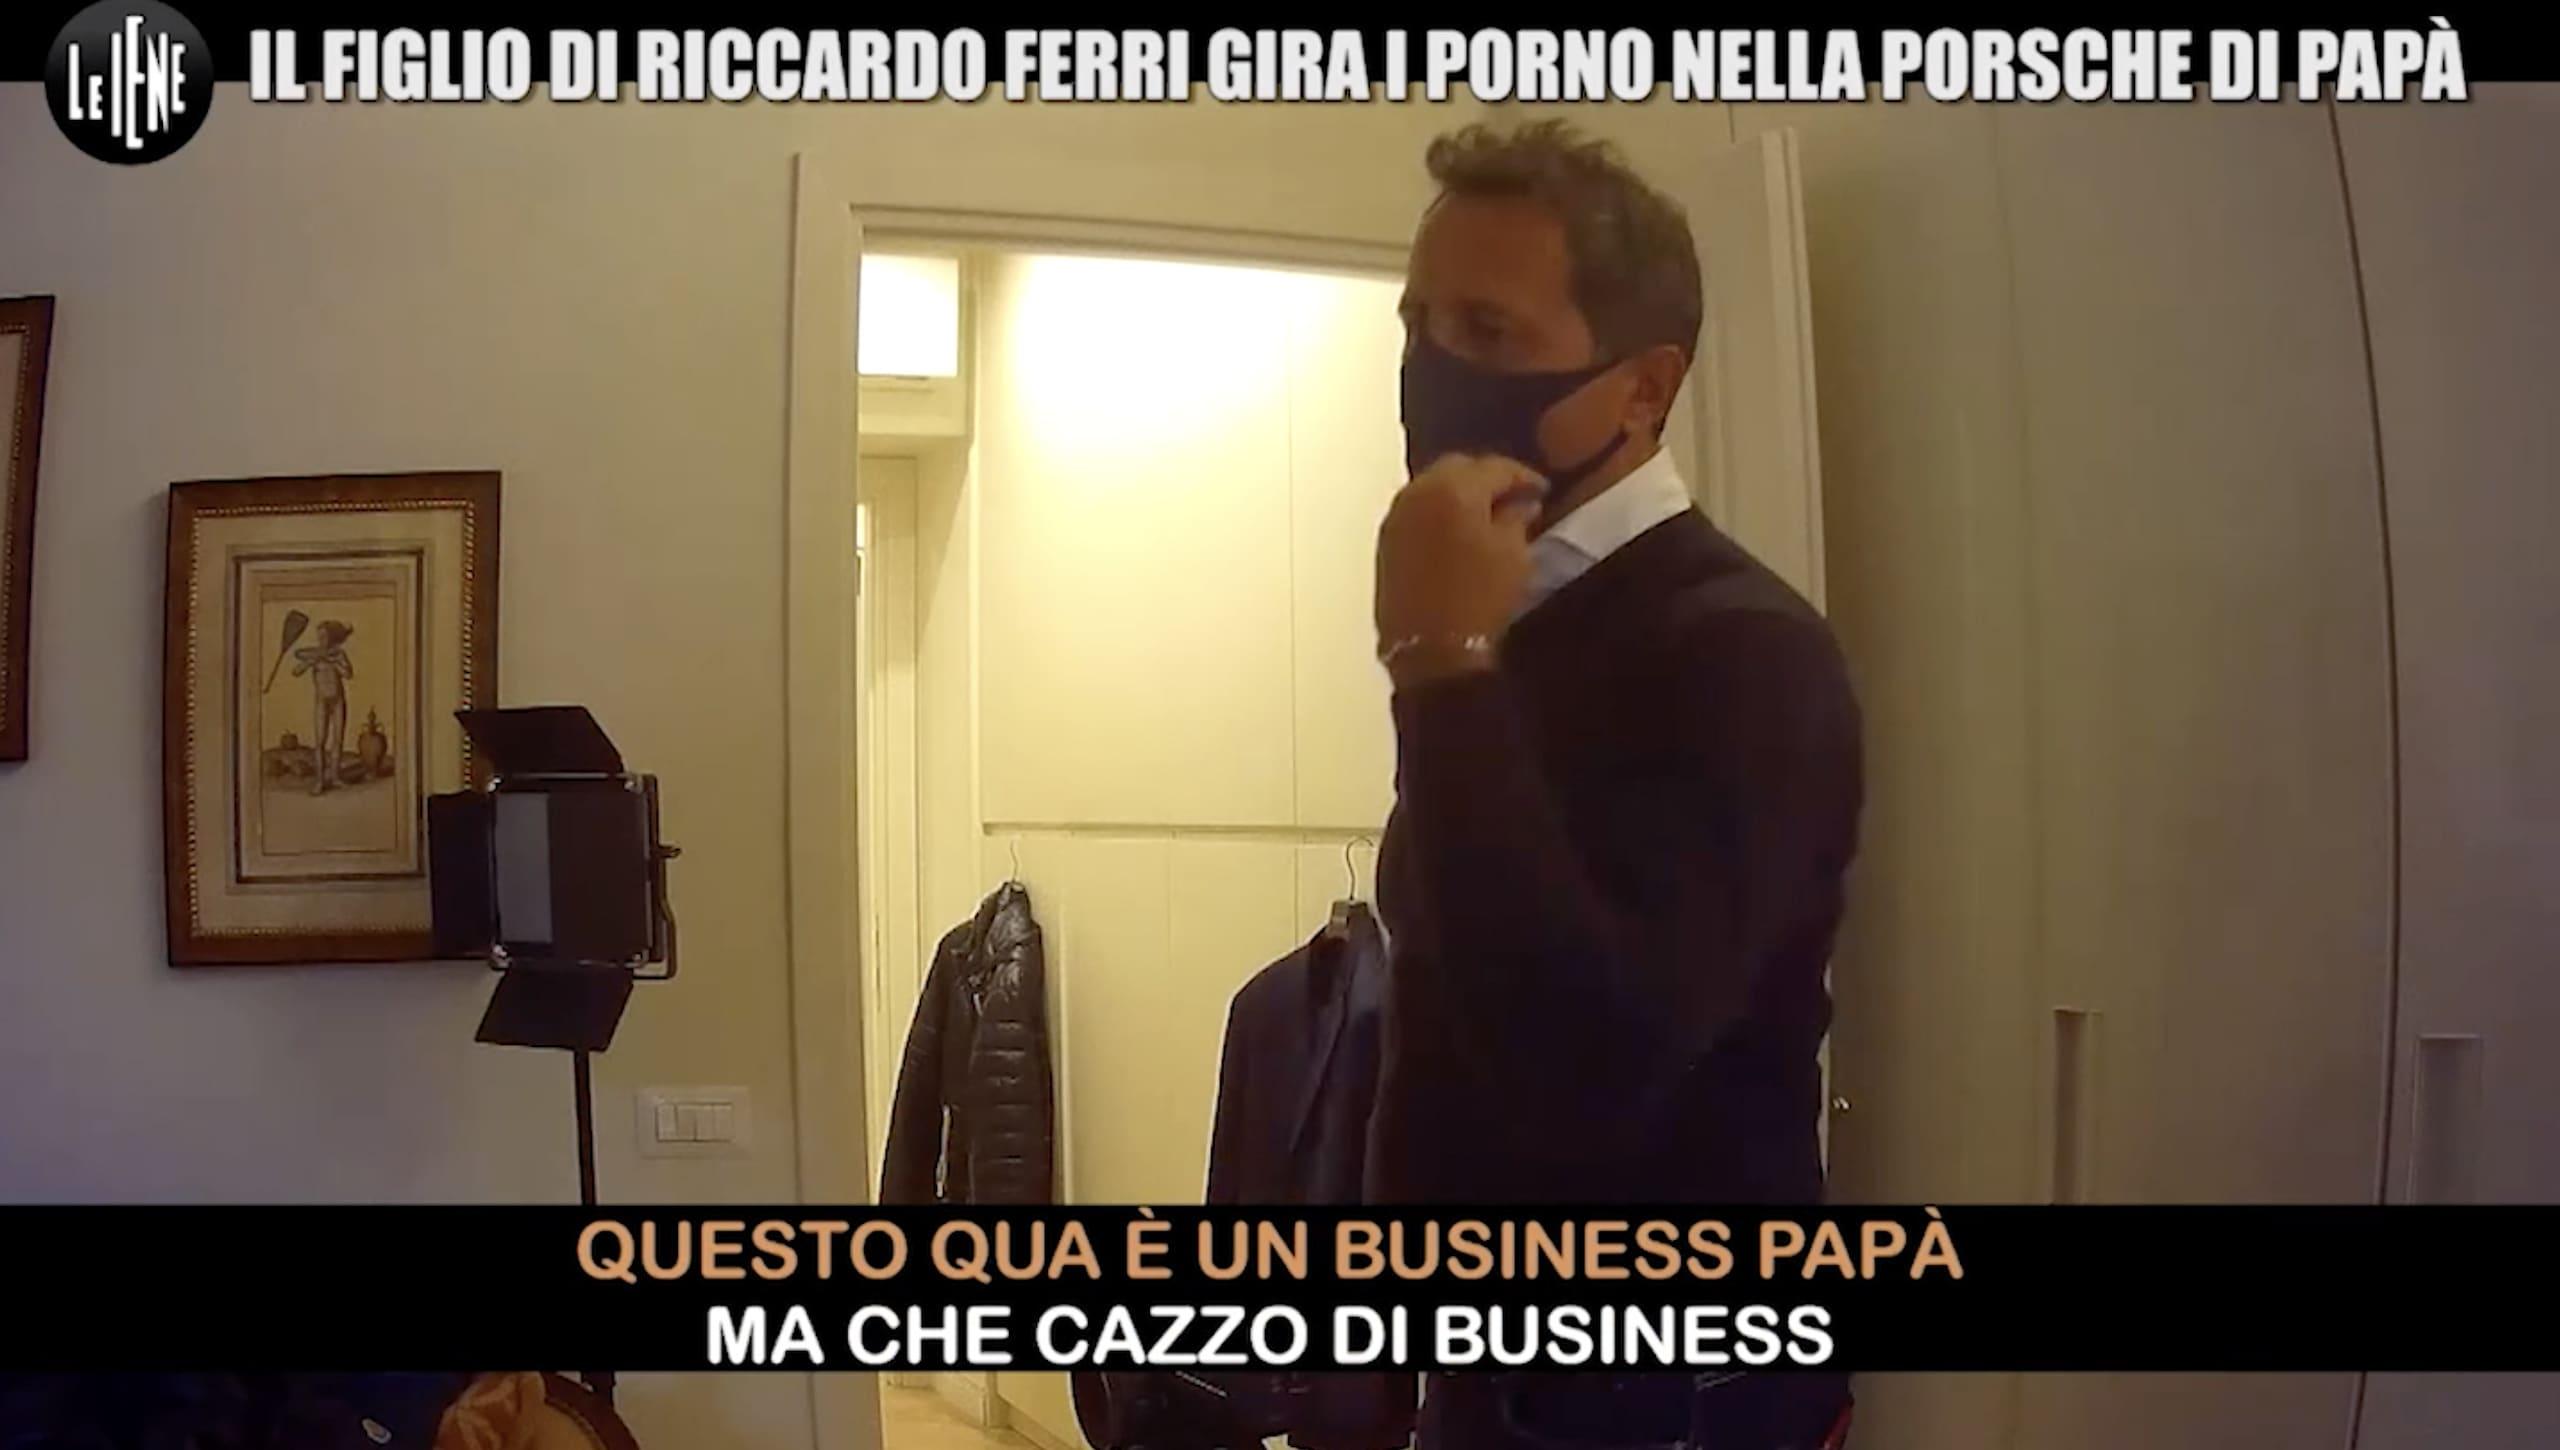 Il figlio gira film porno: Riccardo Ferri e lo scherzo delle Iene